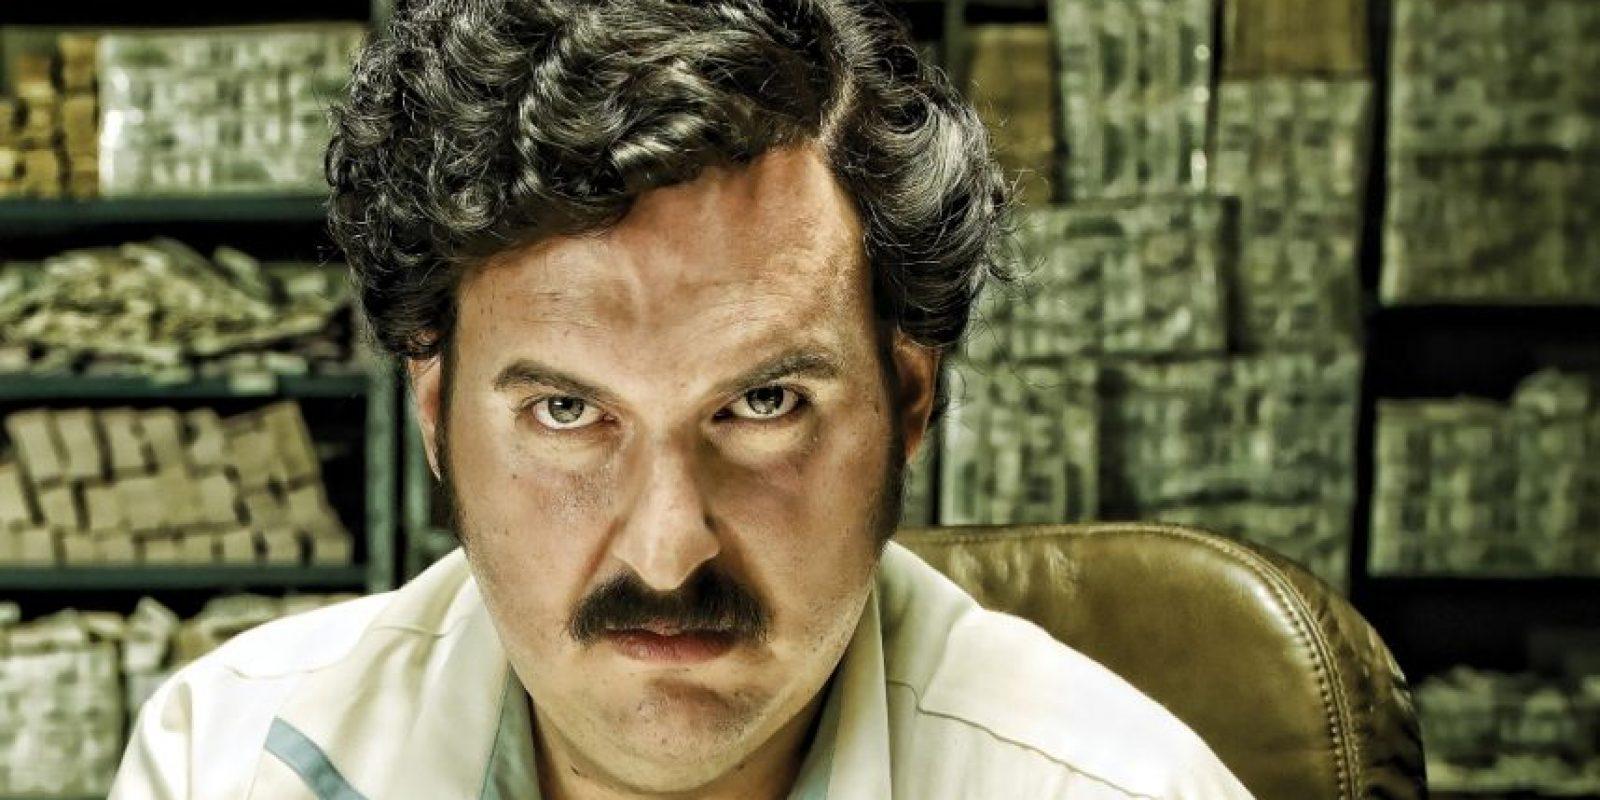 """""""Escobar, el patrón del mal"""", fue la serie colombiana que hizo el Canal Caracol sobre uno de los narcotraficantes más importantes de la historia: Pablo Escobar. Con gran rigor histórico, esta producción retrató los convulsos años 80 y 90 del país cafetero. Foto:vía Caracol Televisión"""